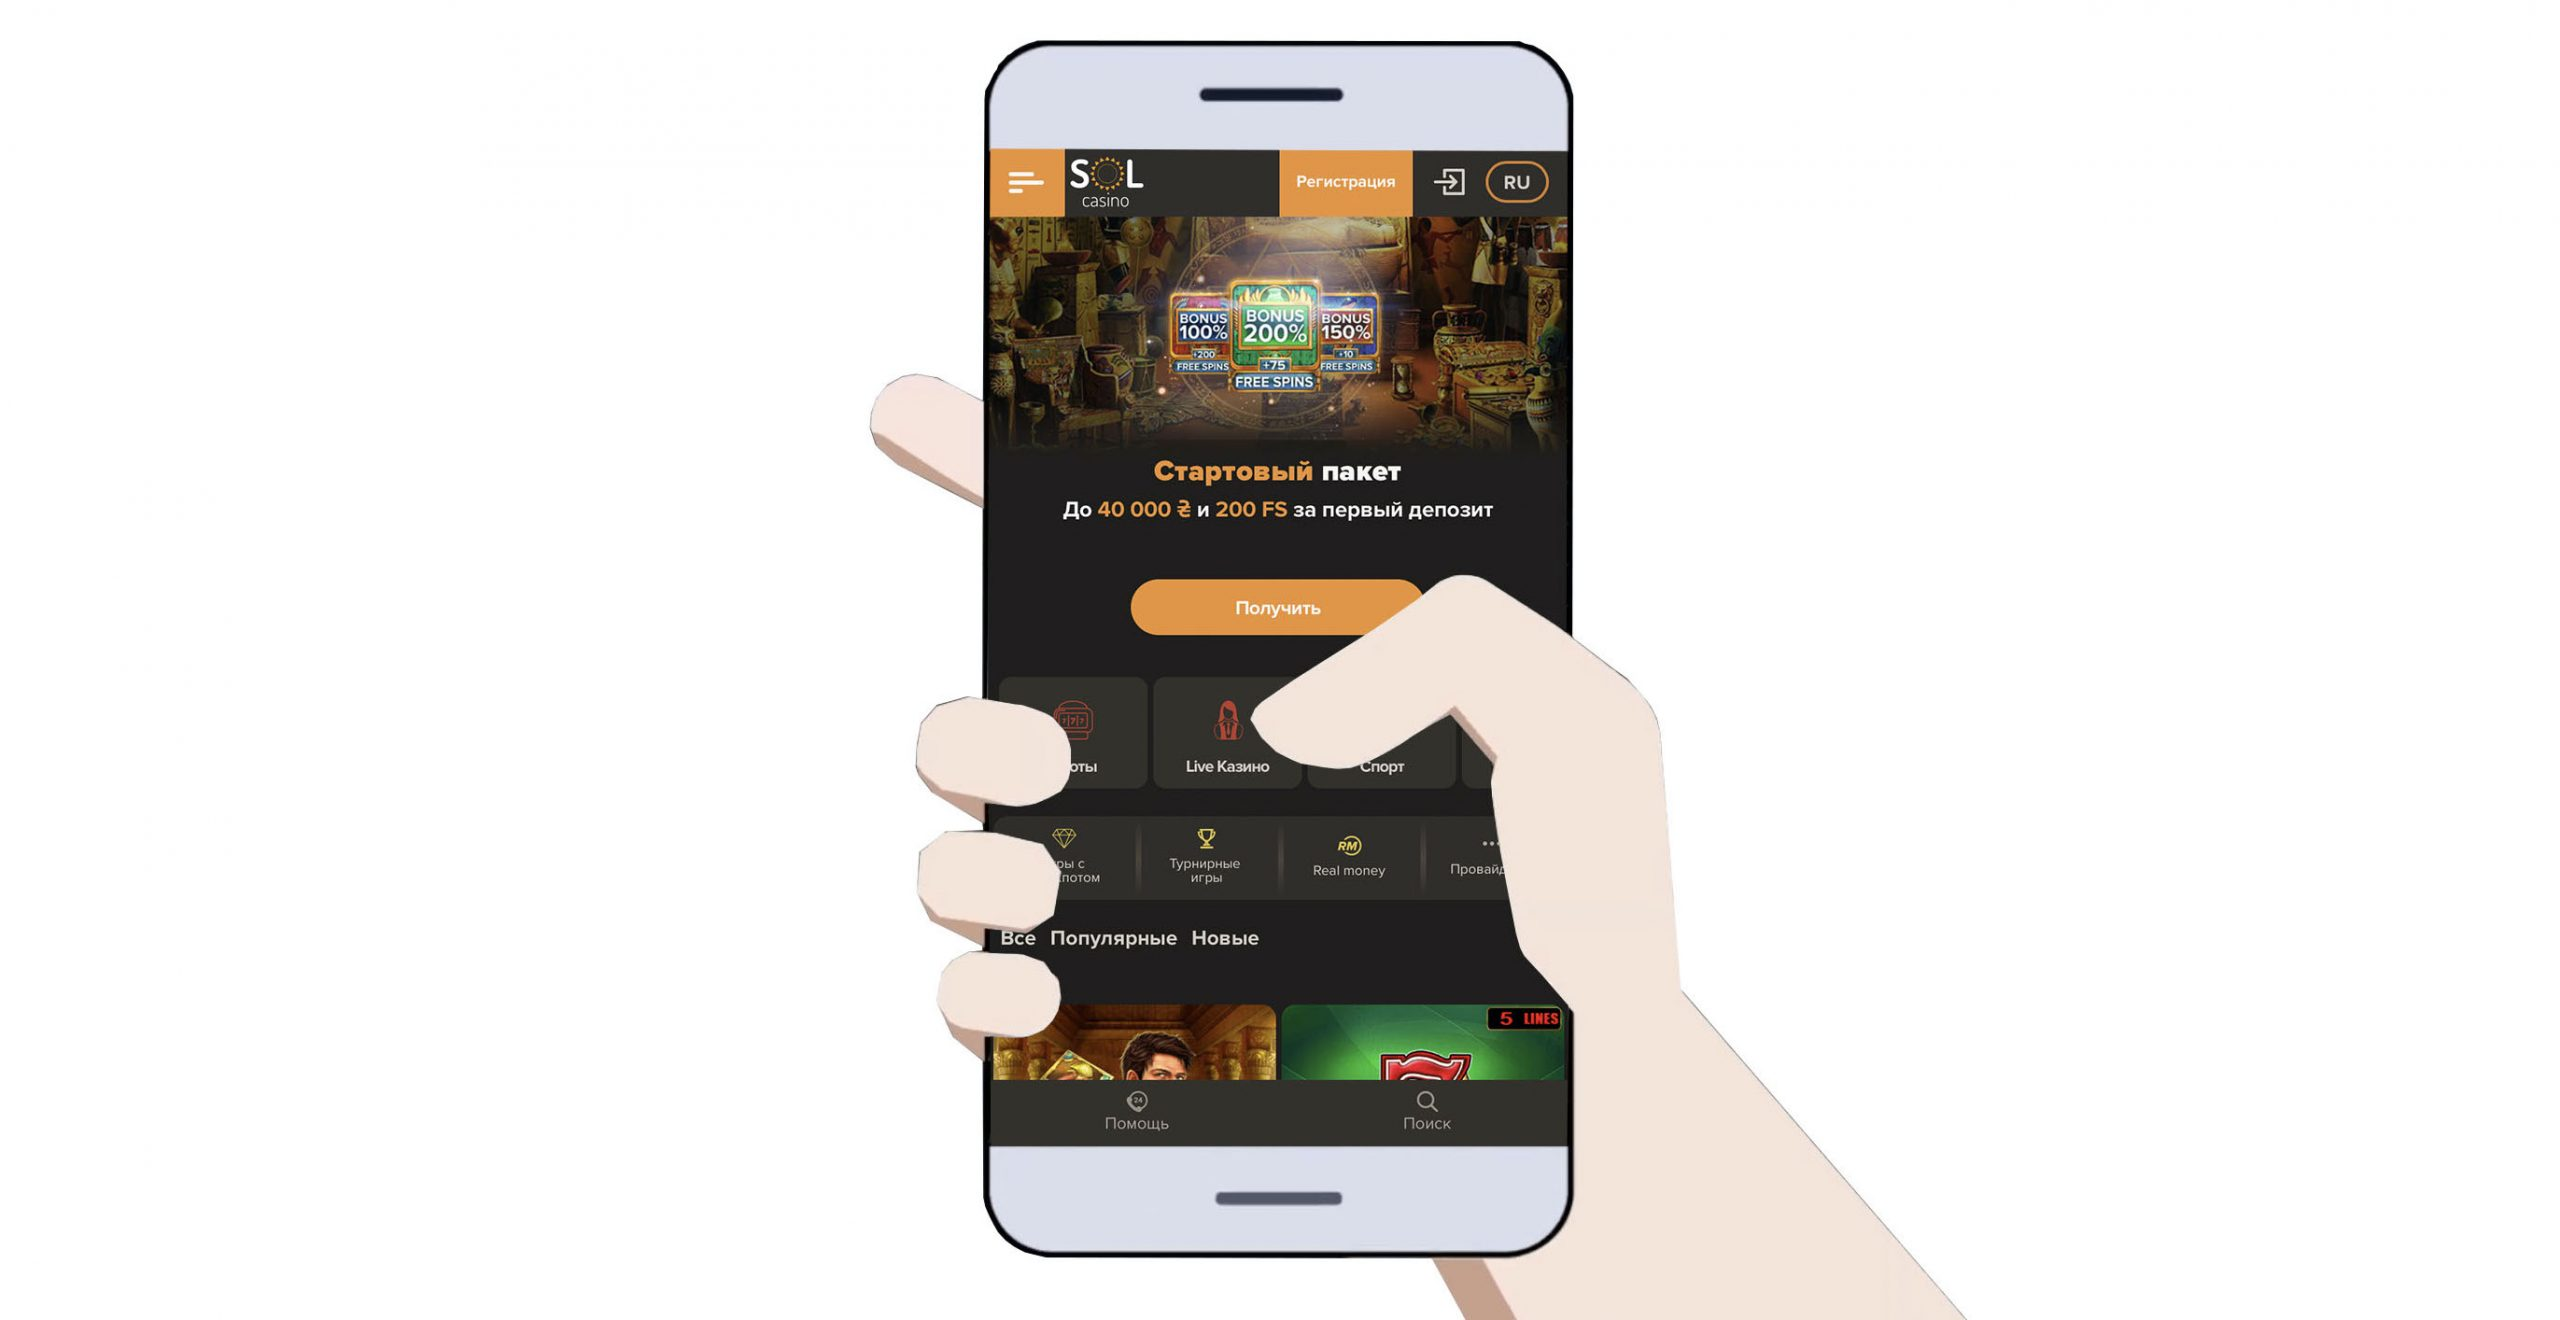 Играть в Sol Casino с мобильного